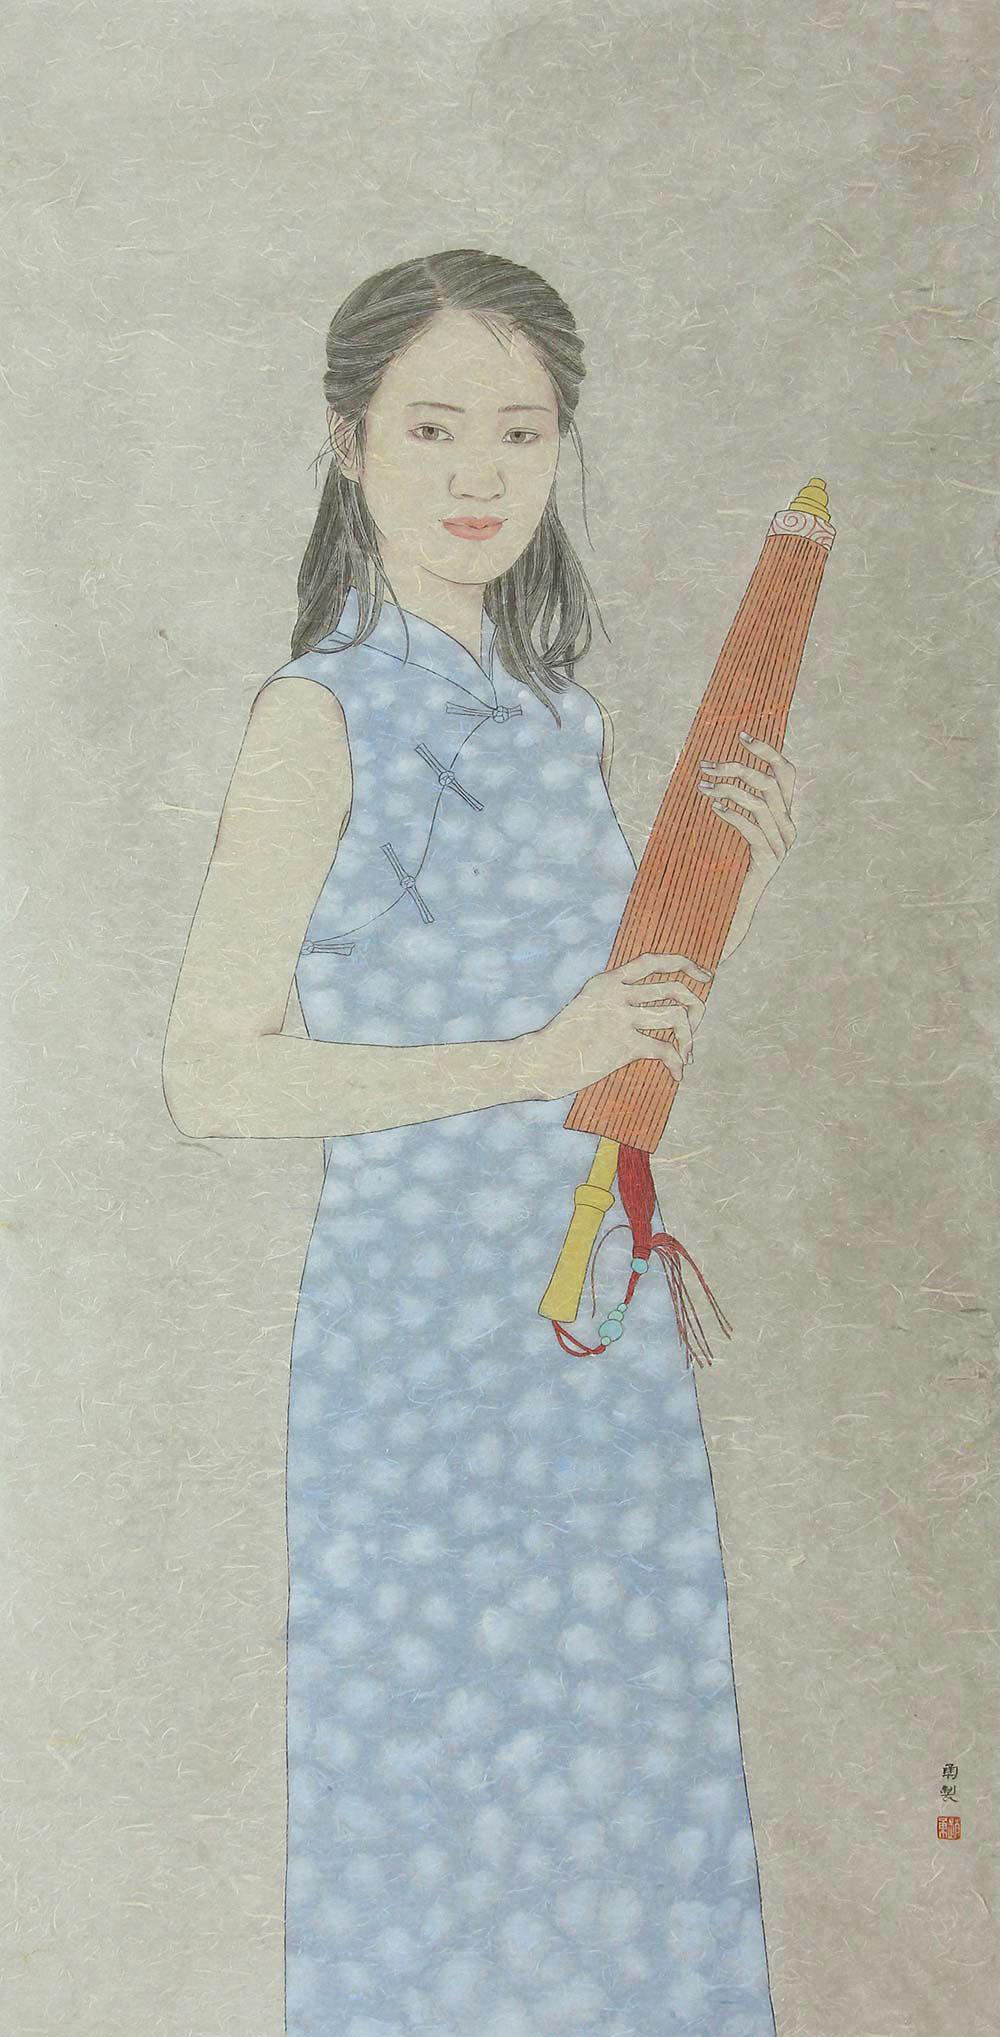 赵勇人物画作品赏析 | 传统与现代的碰撞,古典与时尚的融合【博宝